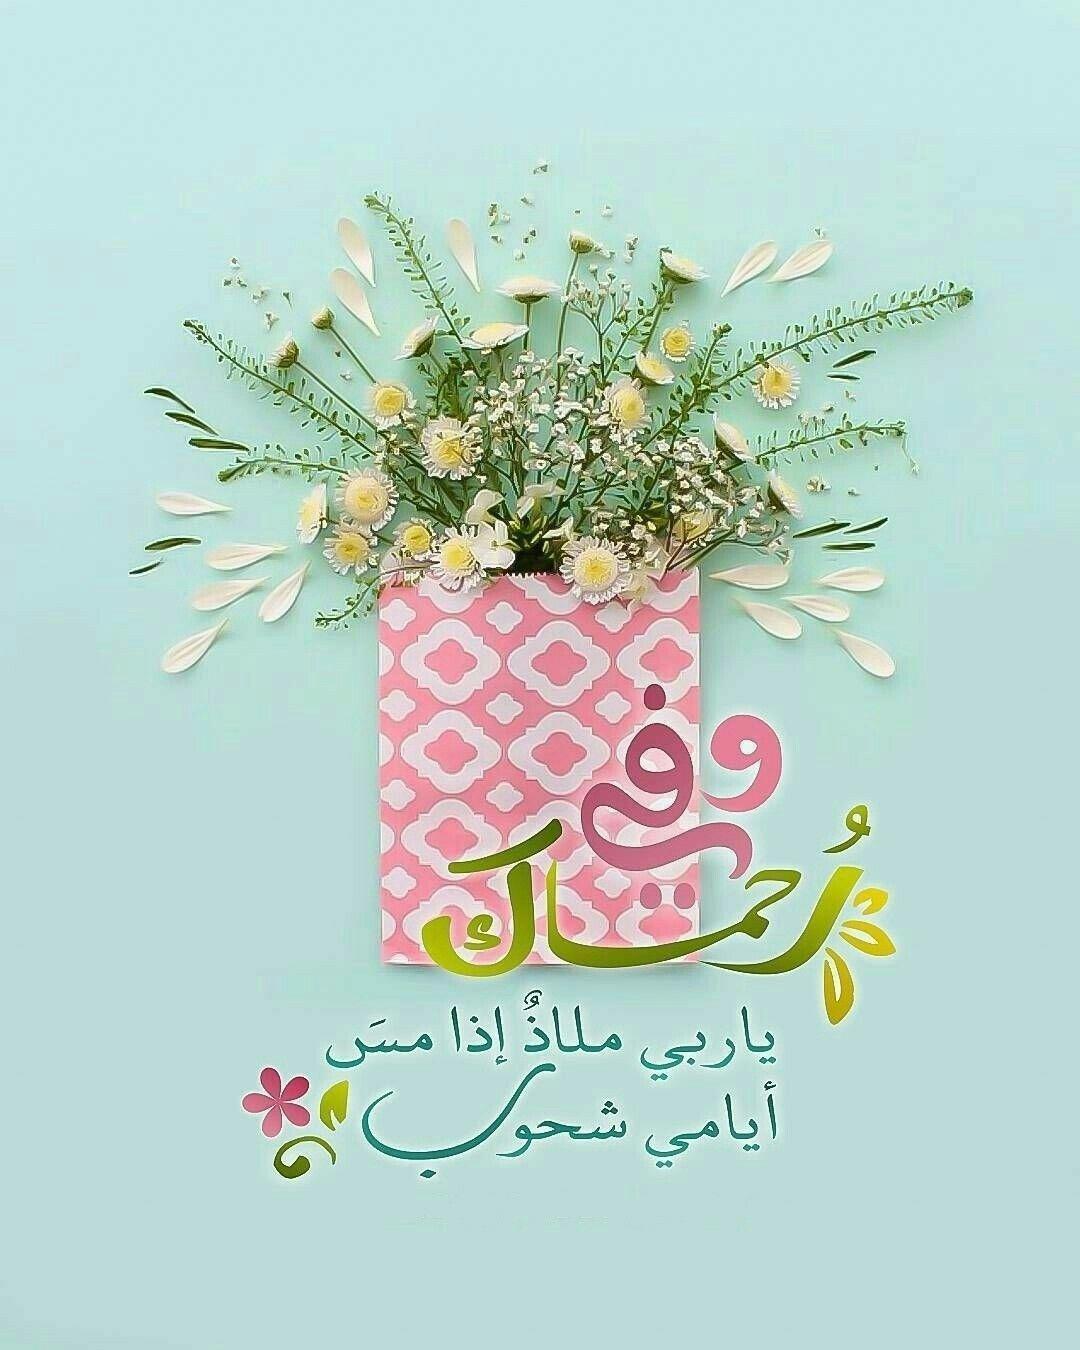 خلفيات دينية جميلة دعاء Islamic Pictures Allah Tableware